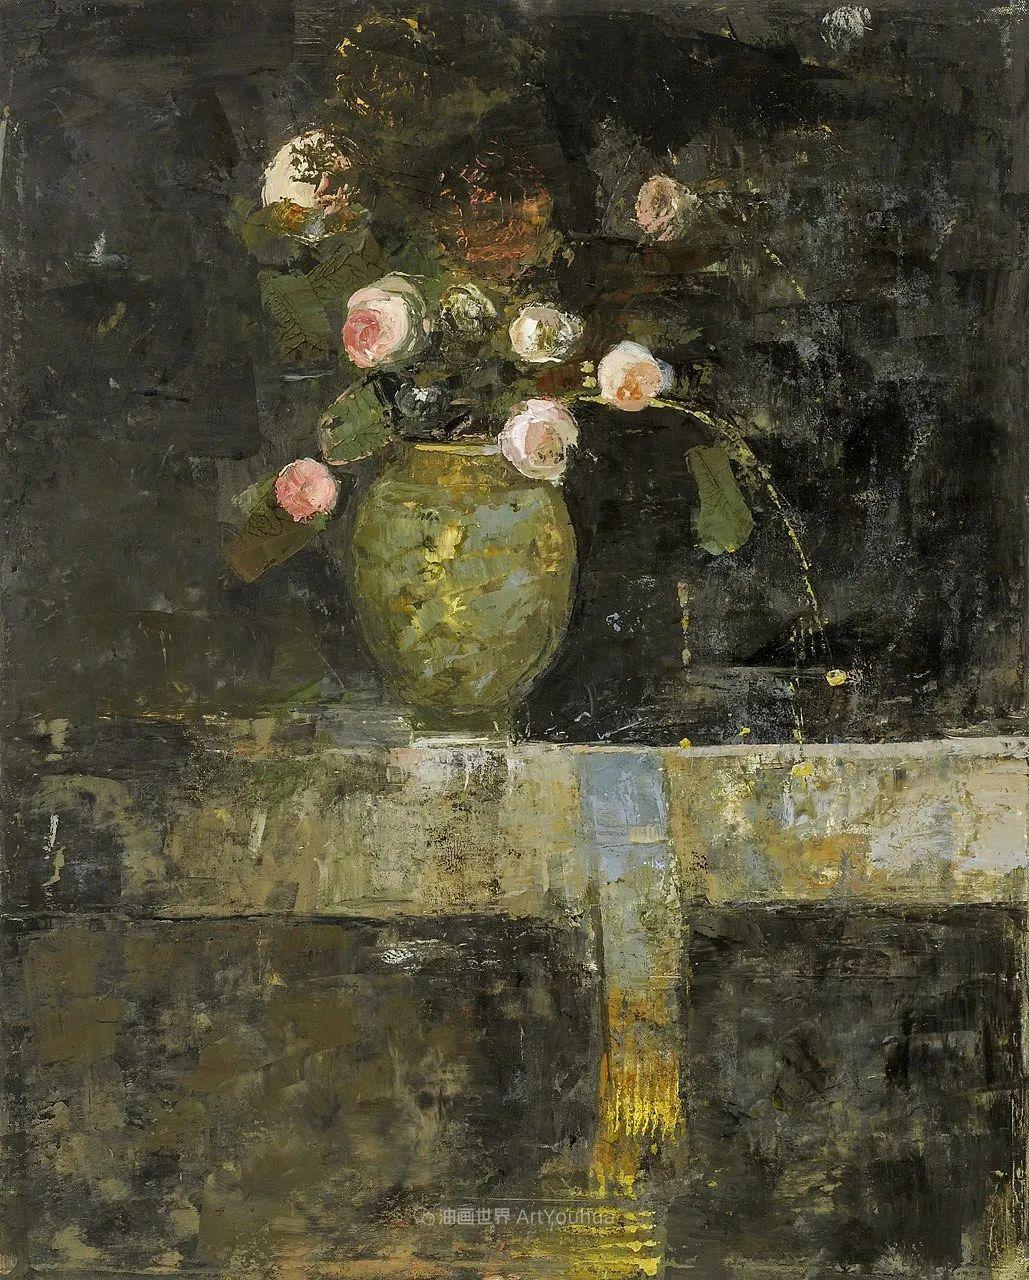 马耳他女画家 Goxwa Borg 戈克斯瓦·博格作品欣赏: 古典又现代!插图5